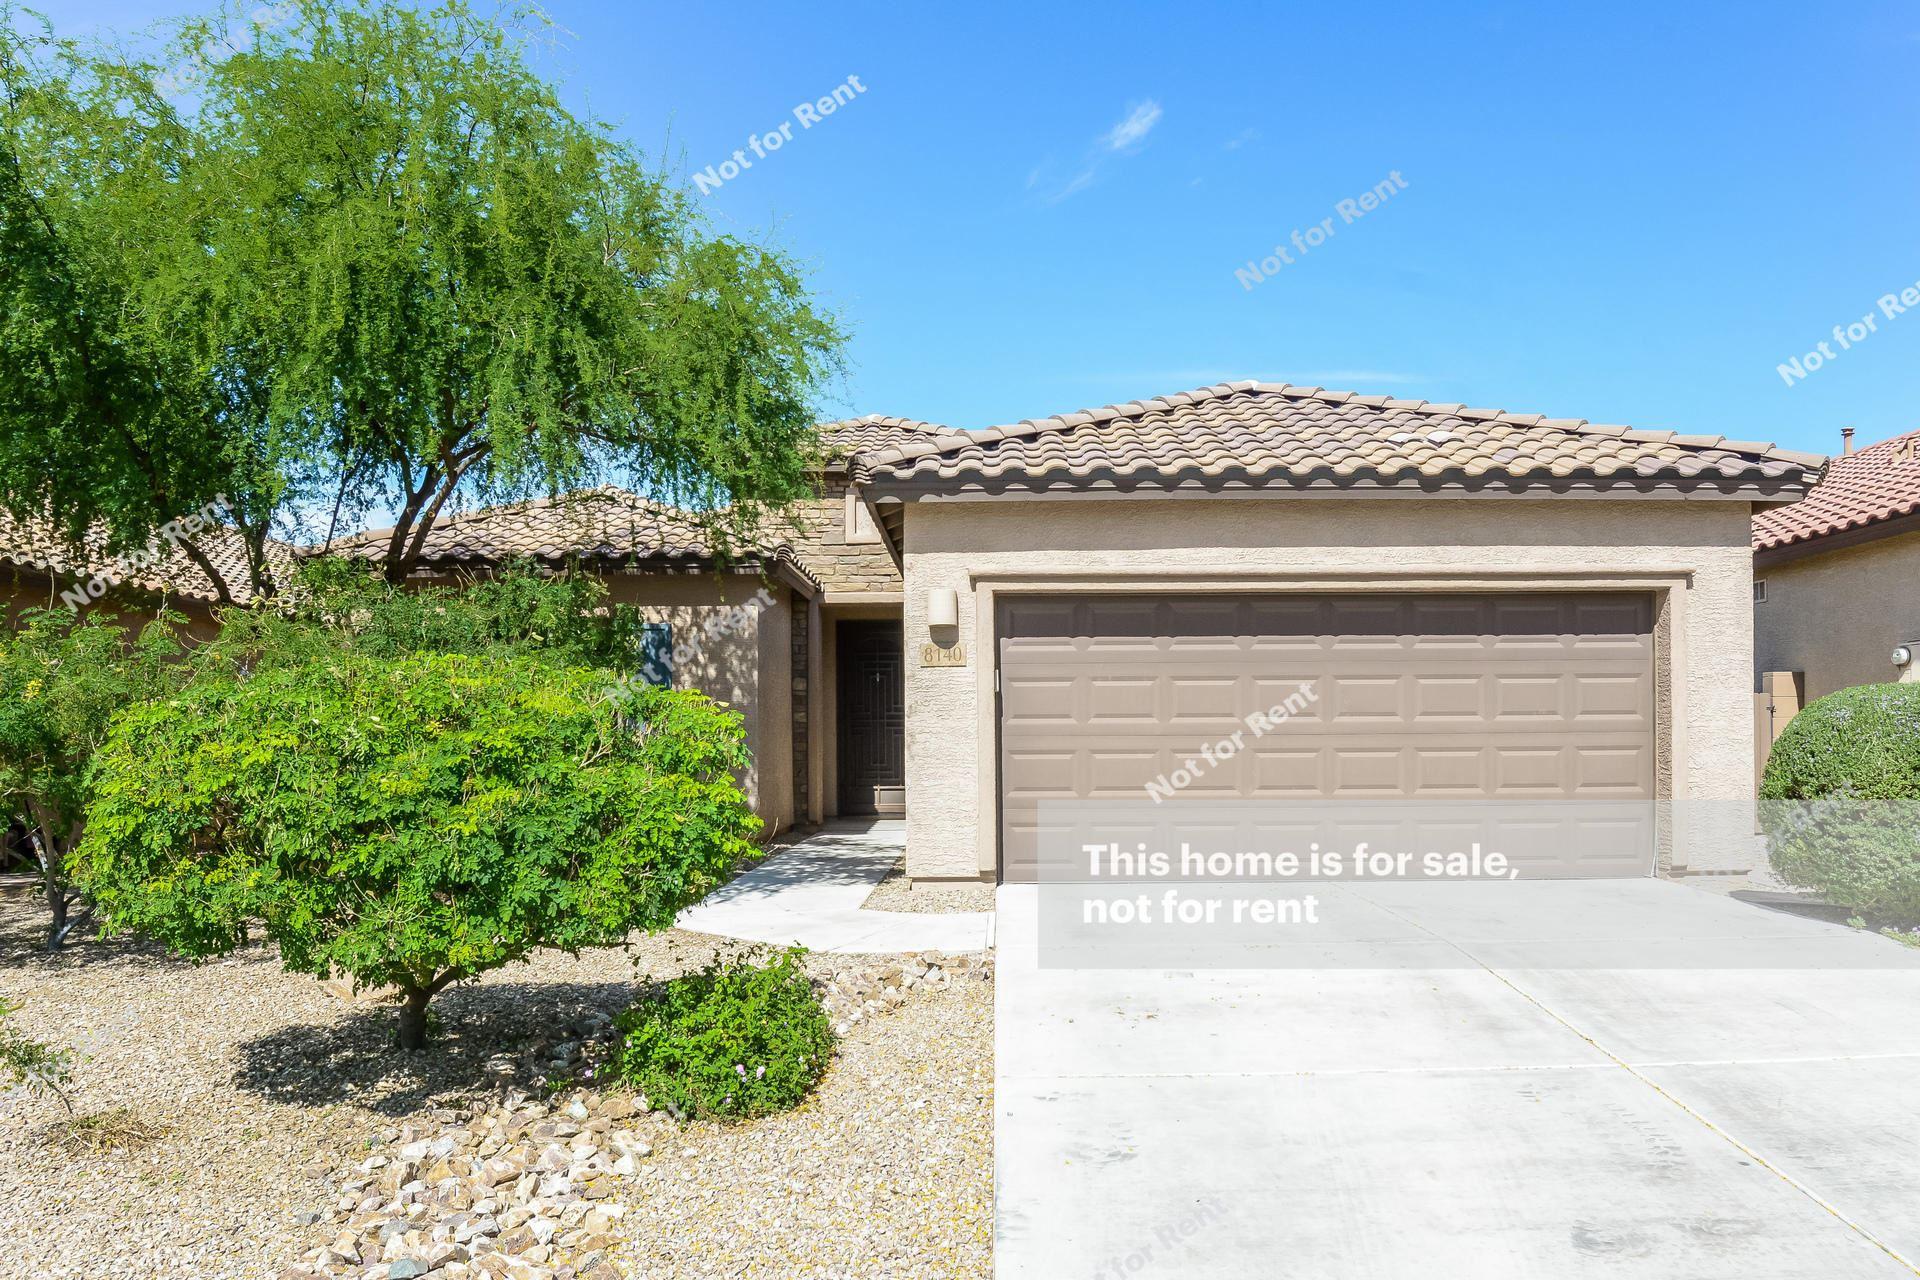 8140 N Circulo El Palmito, Tucson, AZ 85704 - MLS#: 22112242